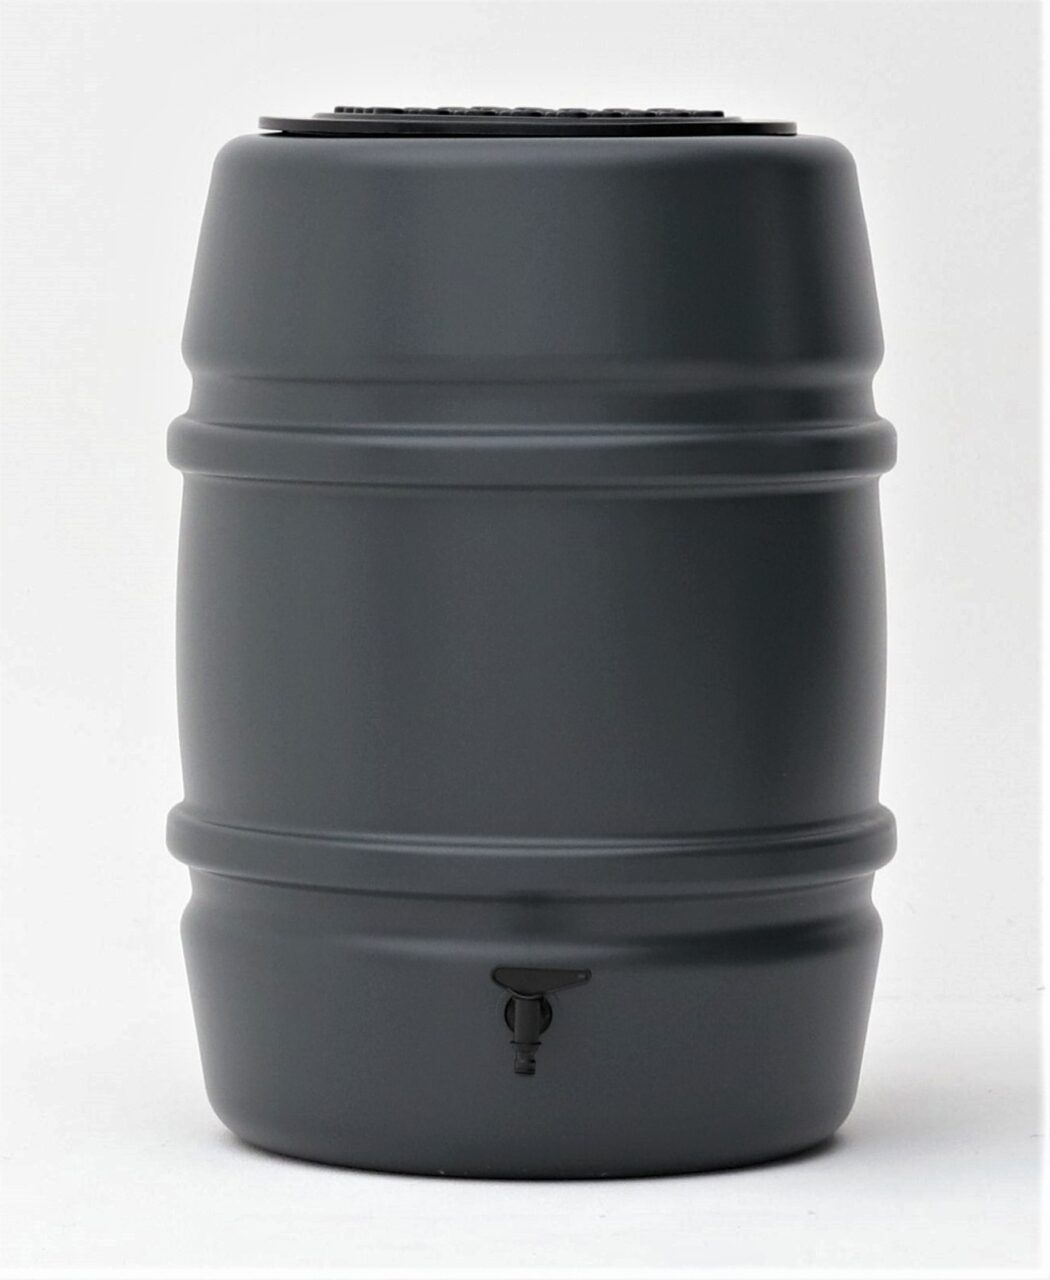 168 liter Harcostar regenton grijs